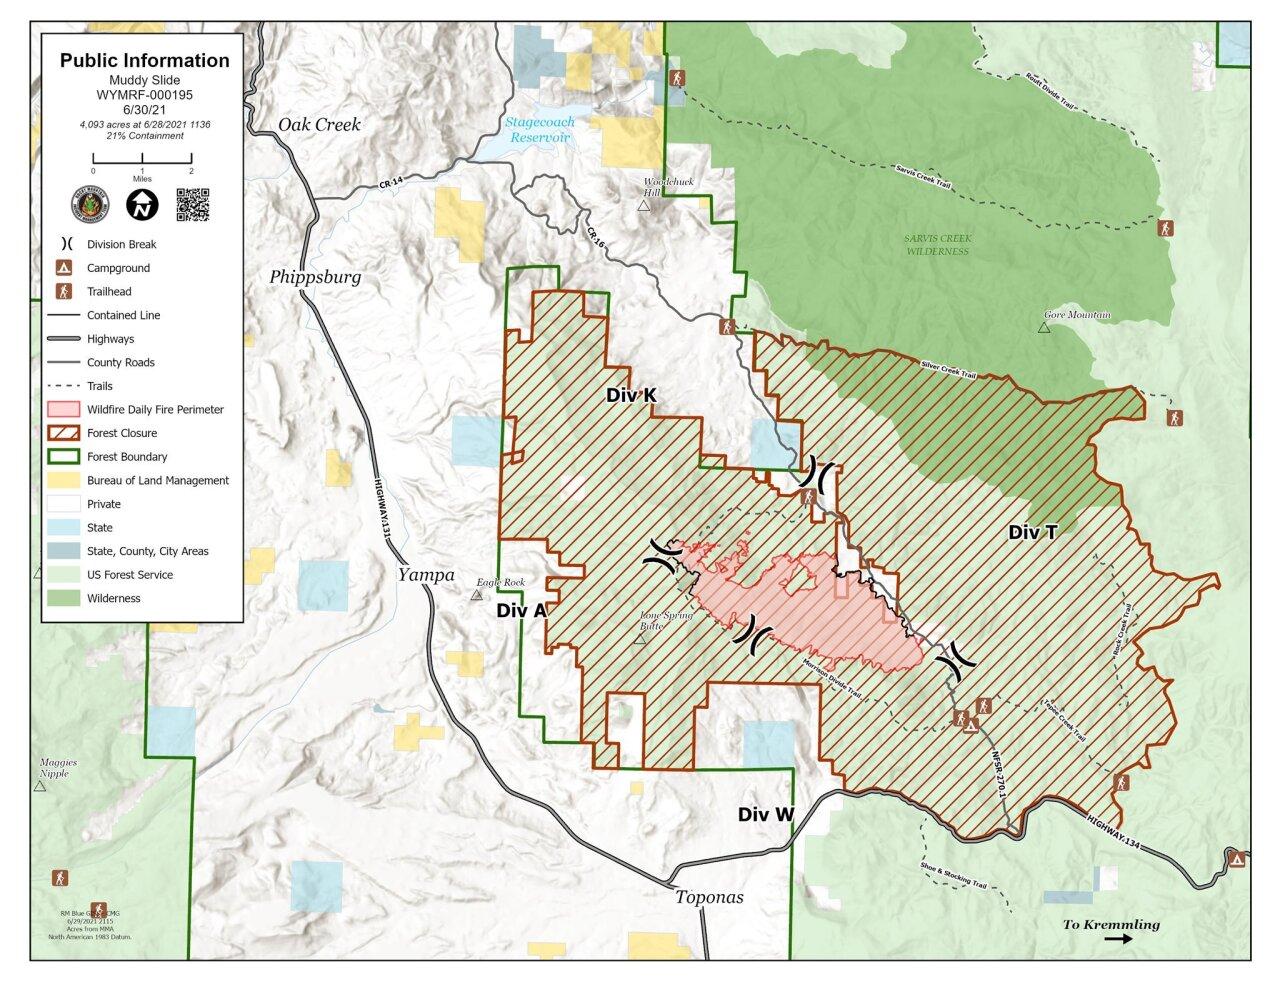 Muddy Slide Fire map_June 30 2021